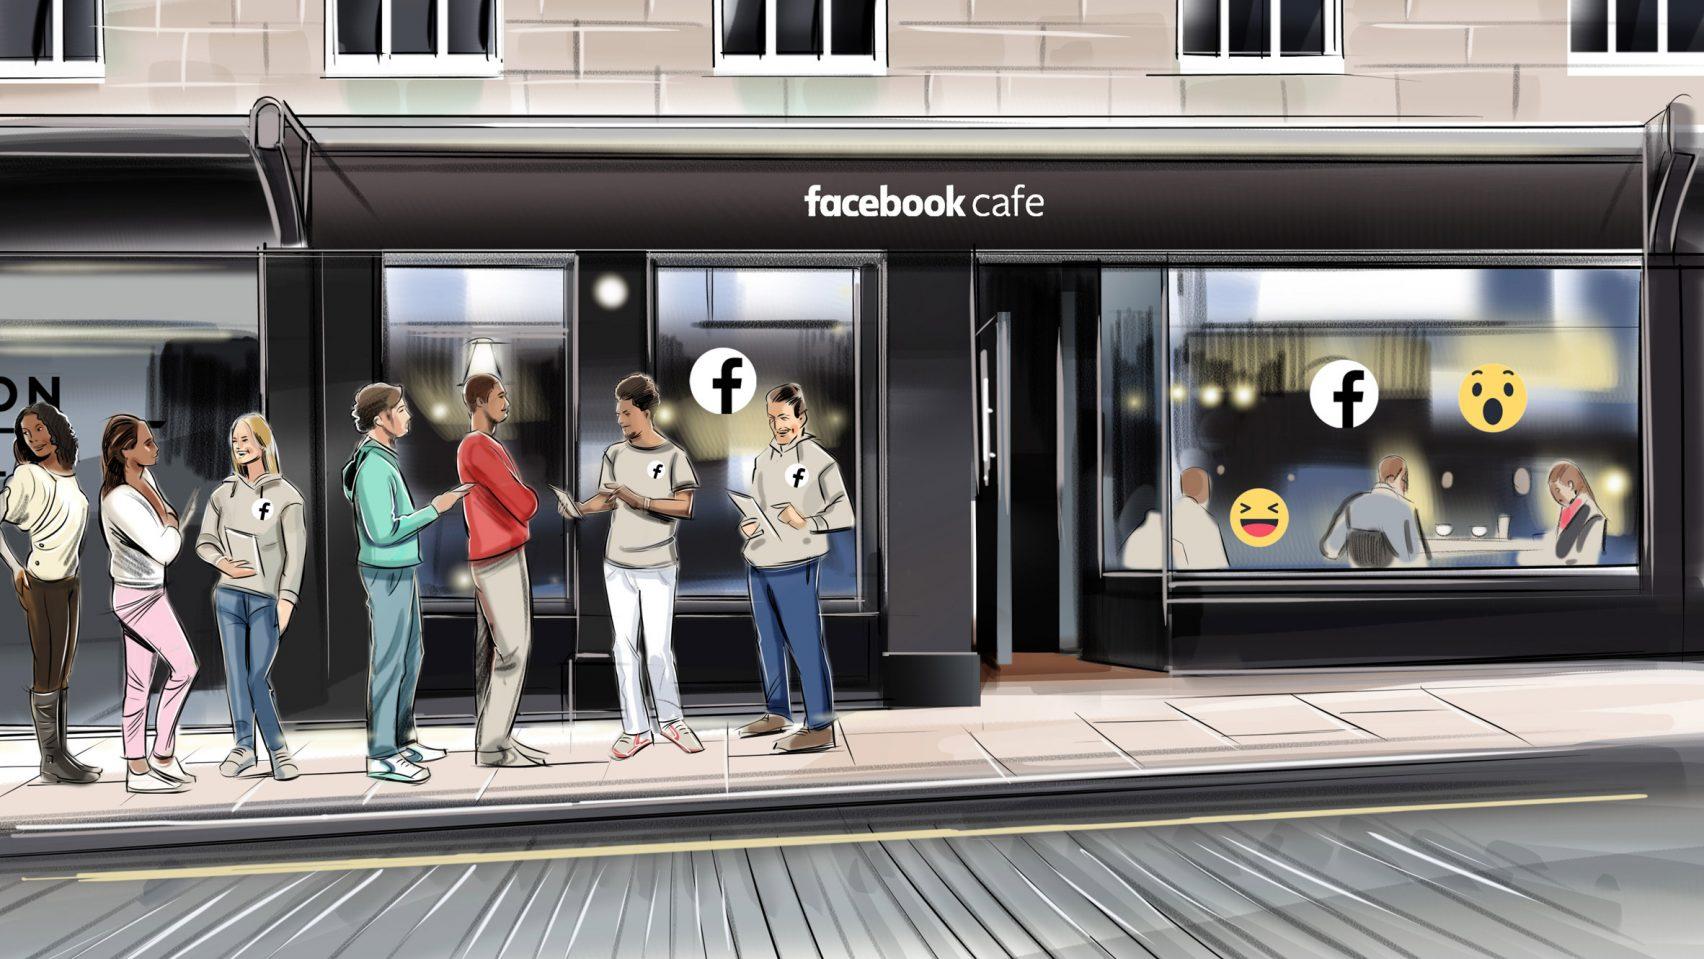 Facebook cafe pop-up